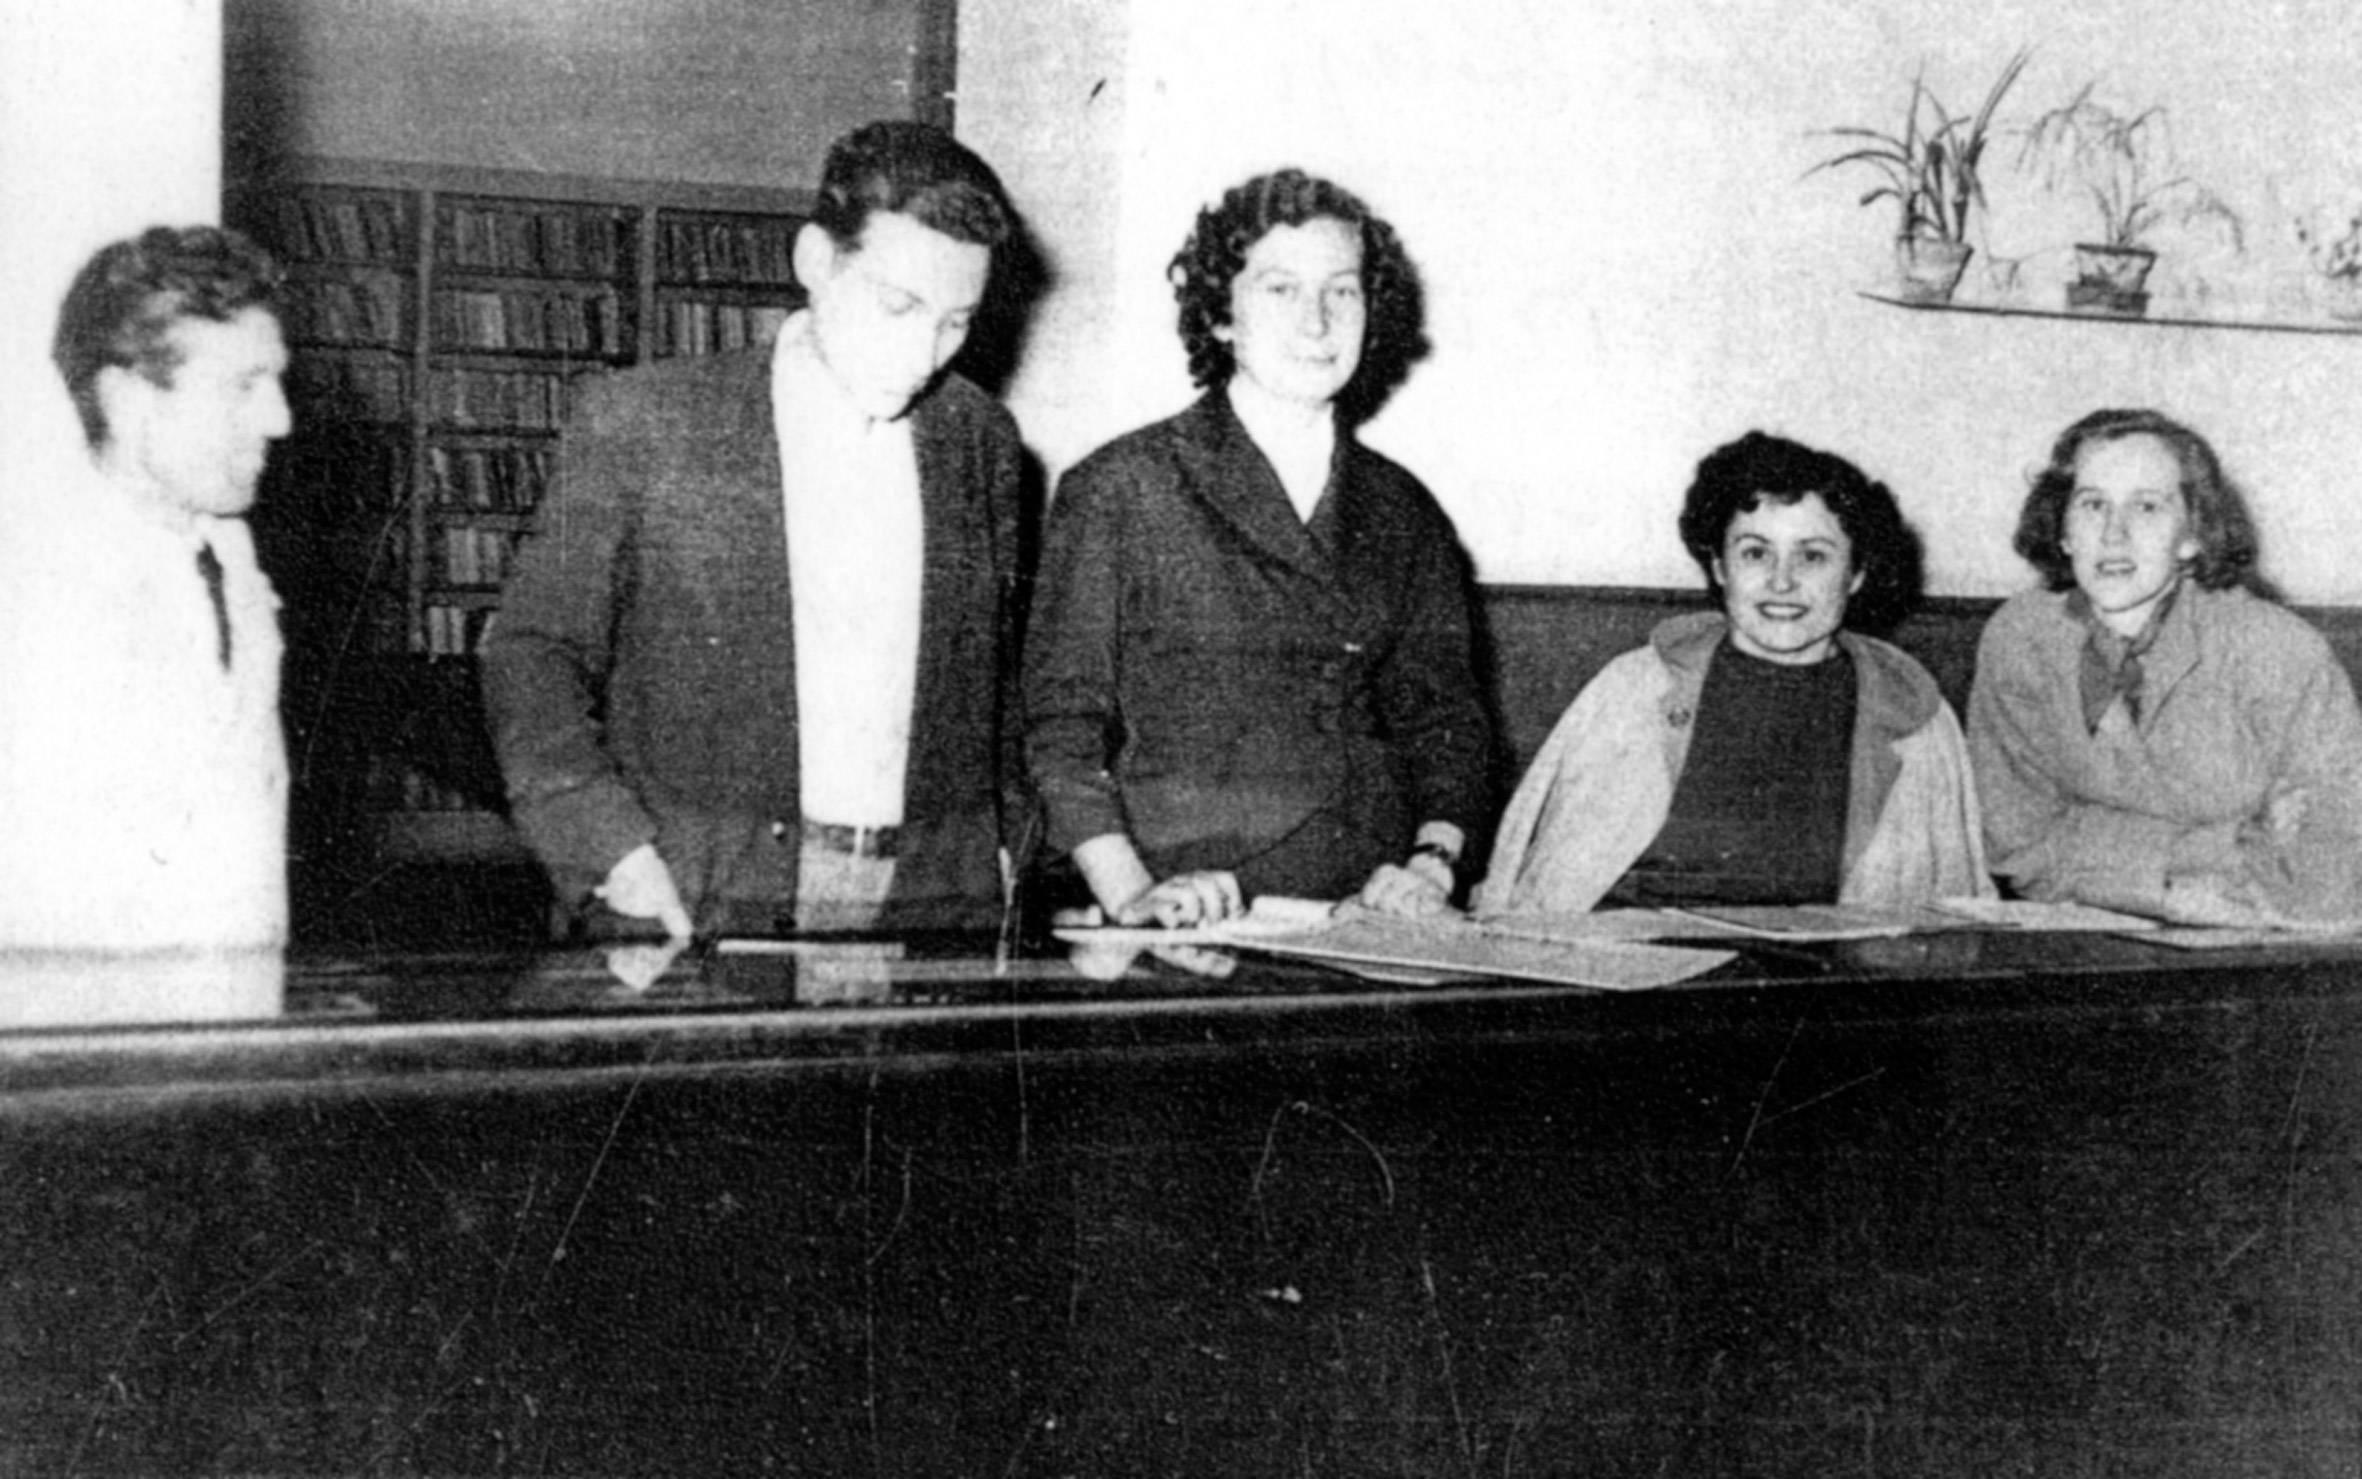 Za pultom Gradske knjižnice Zadar 1956: djelatnici Znanstvene knjižnice Pavao Galić i Danica Maršan. Desno su Ivka Karavida iz Gradske knjižnice i supruga Ante Ivića, prvoga djelatnika Gradske knjižnice Zadar